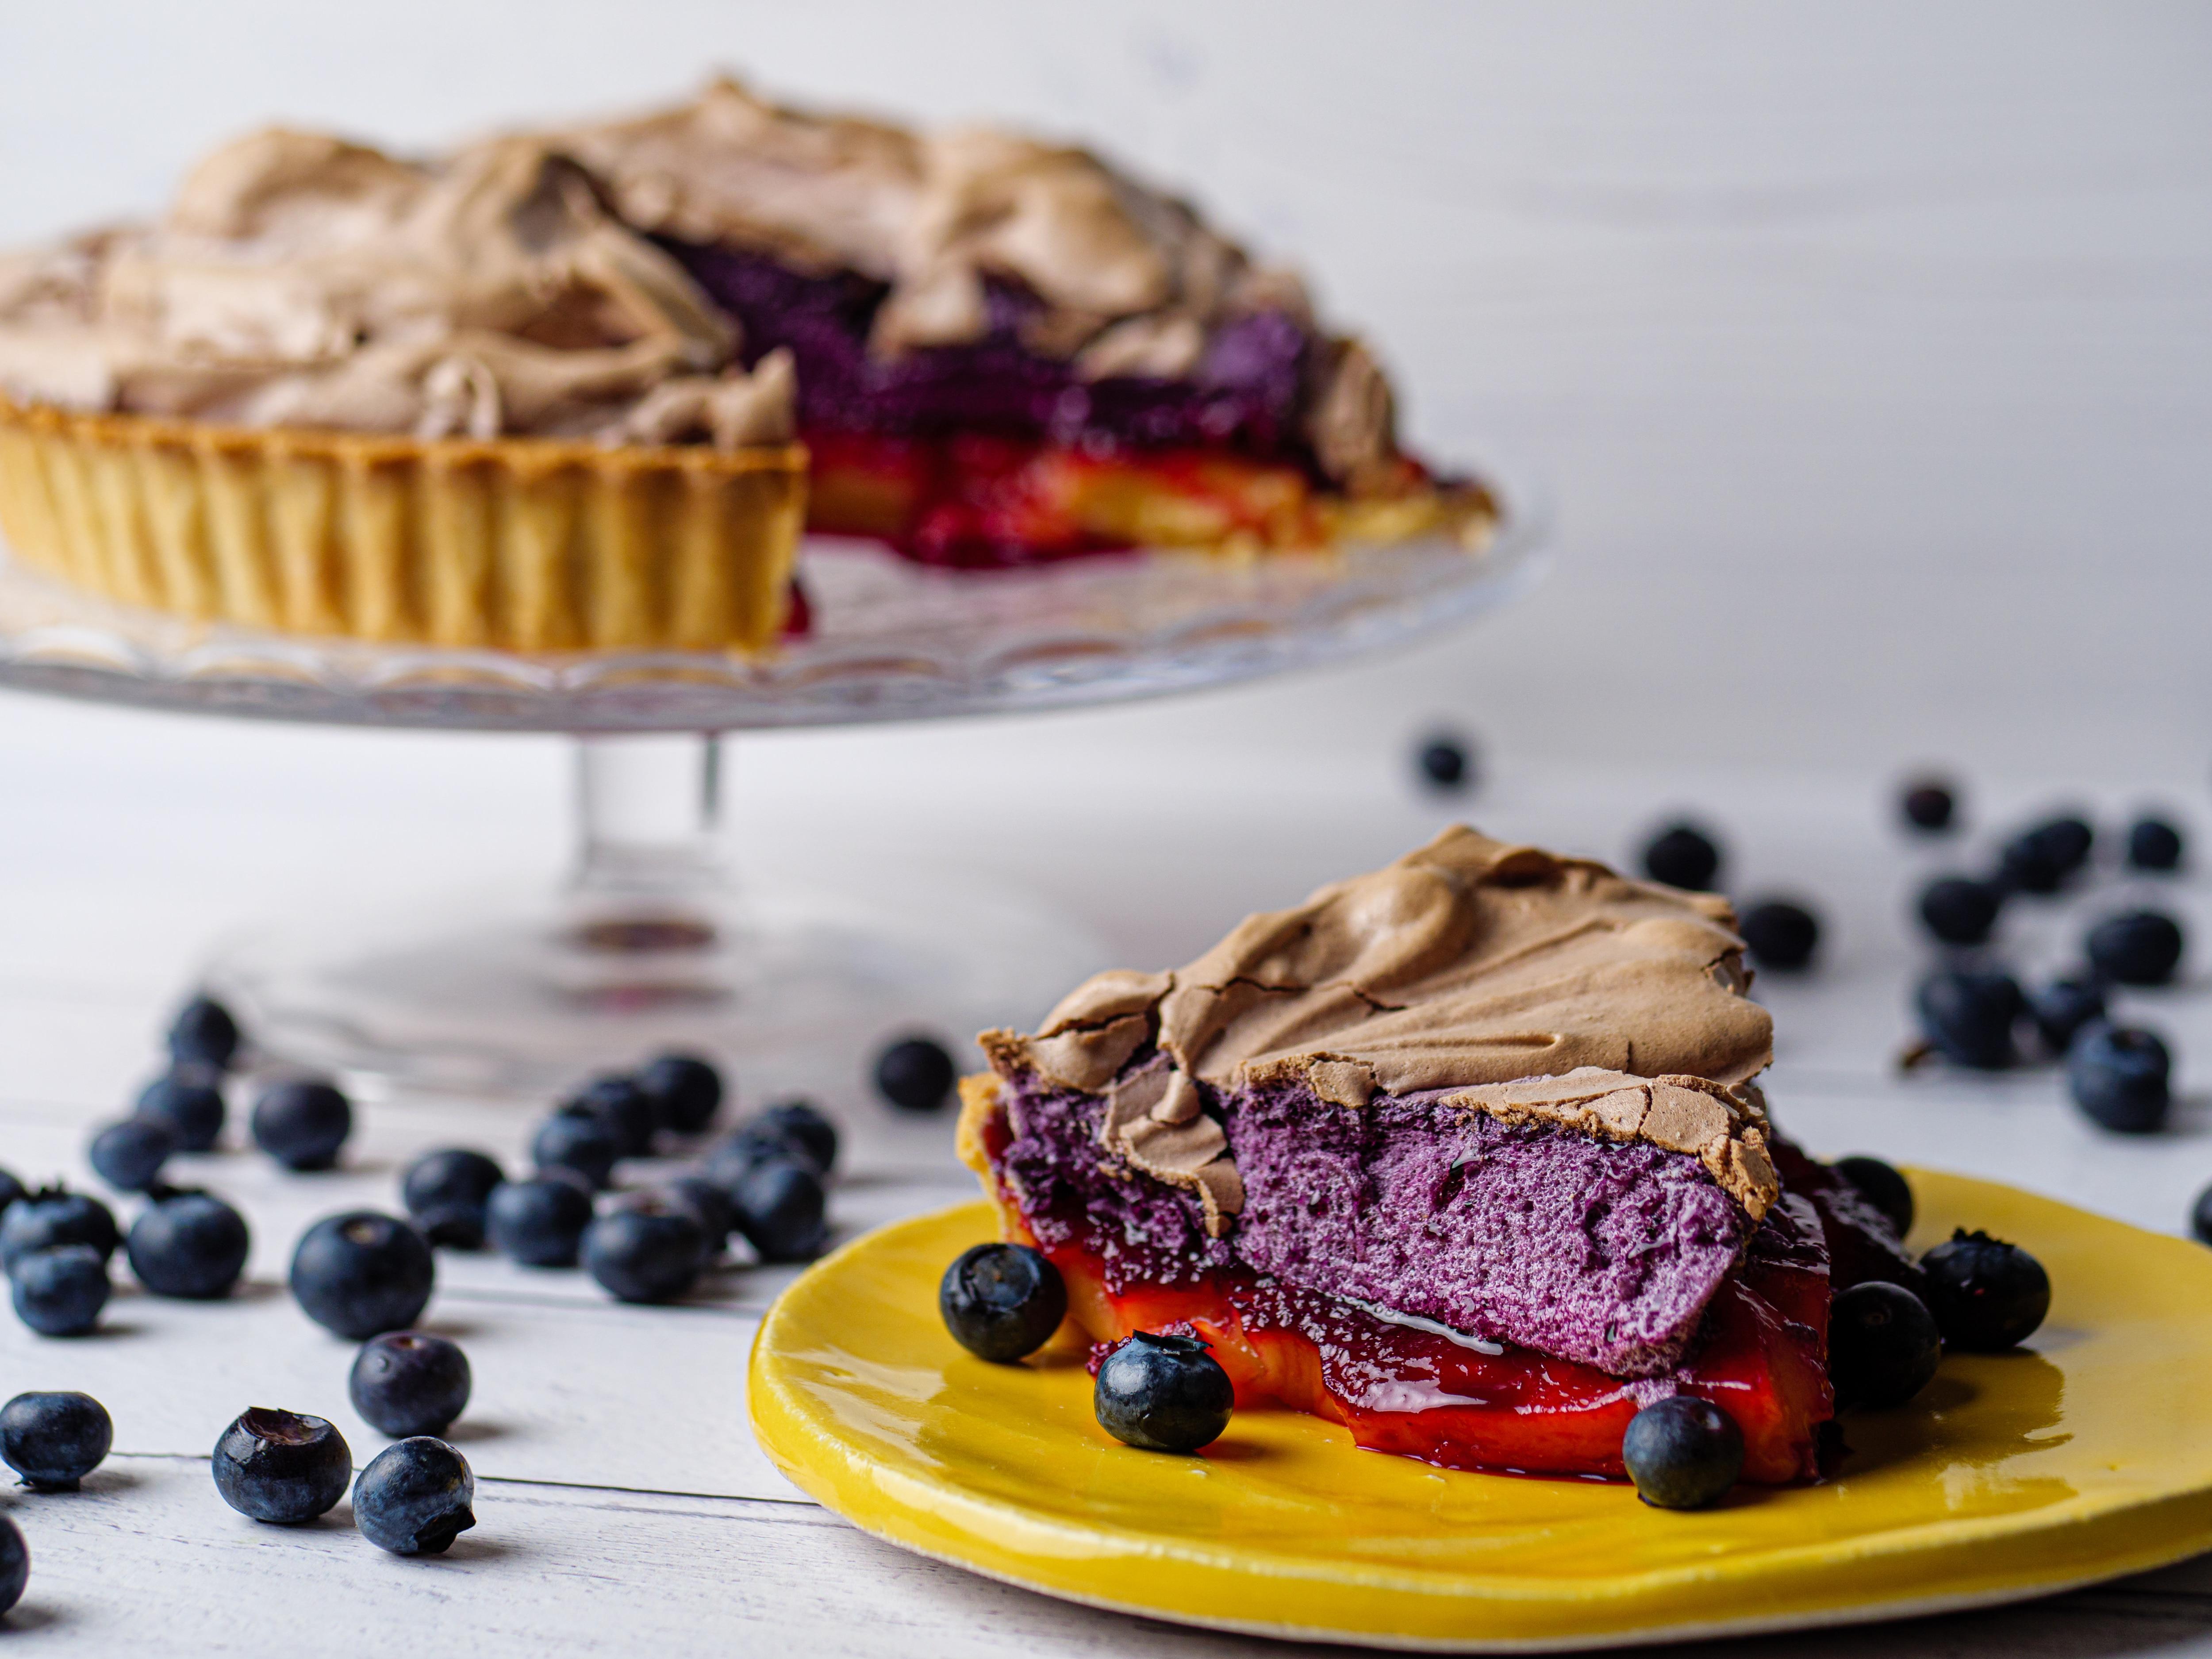 Lemon And Blueberry Meringue Pie